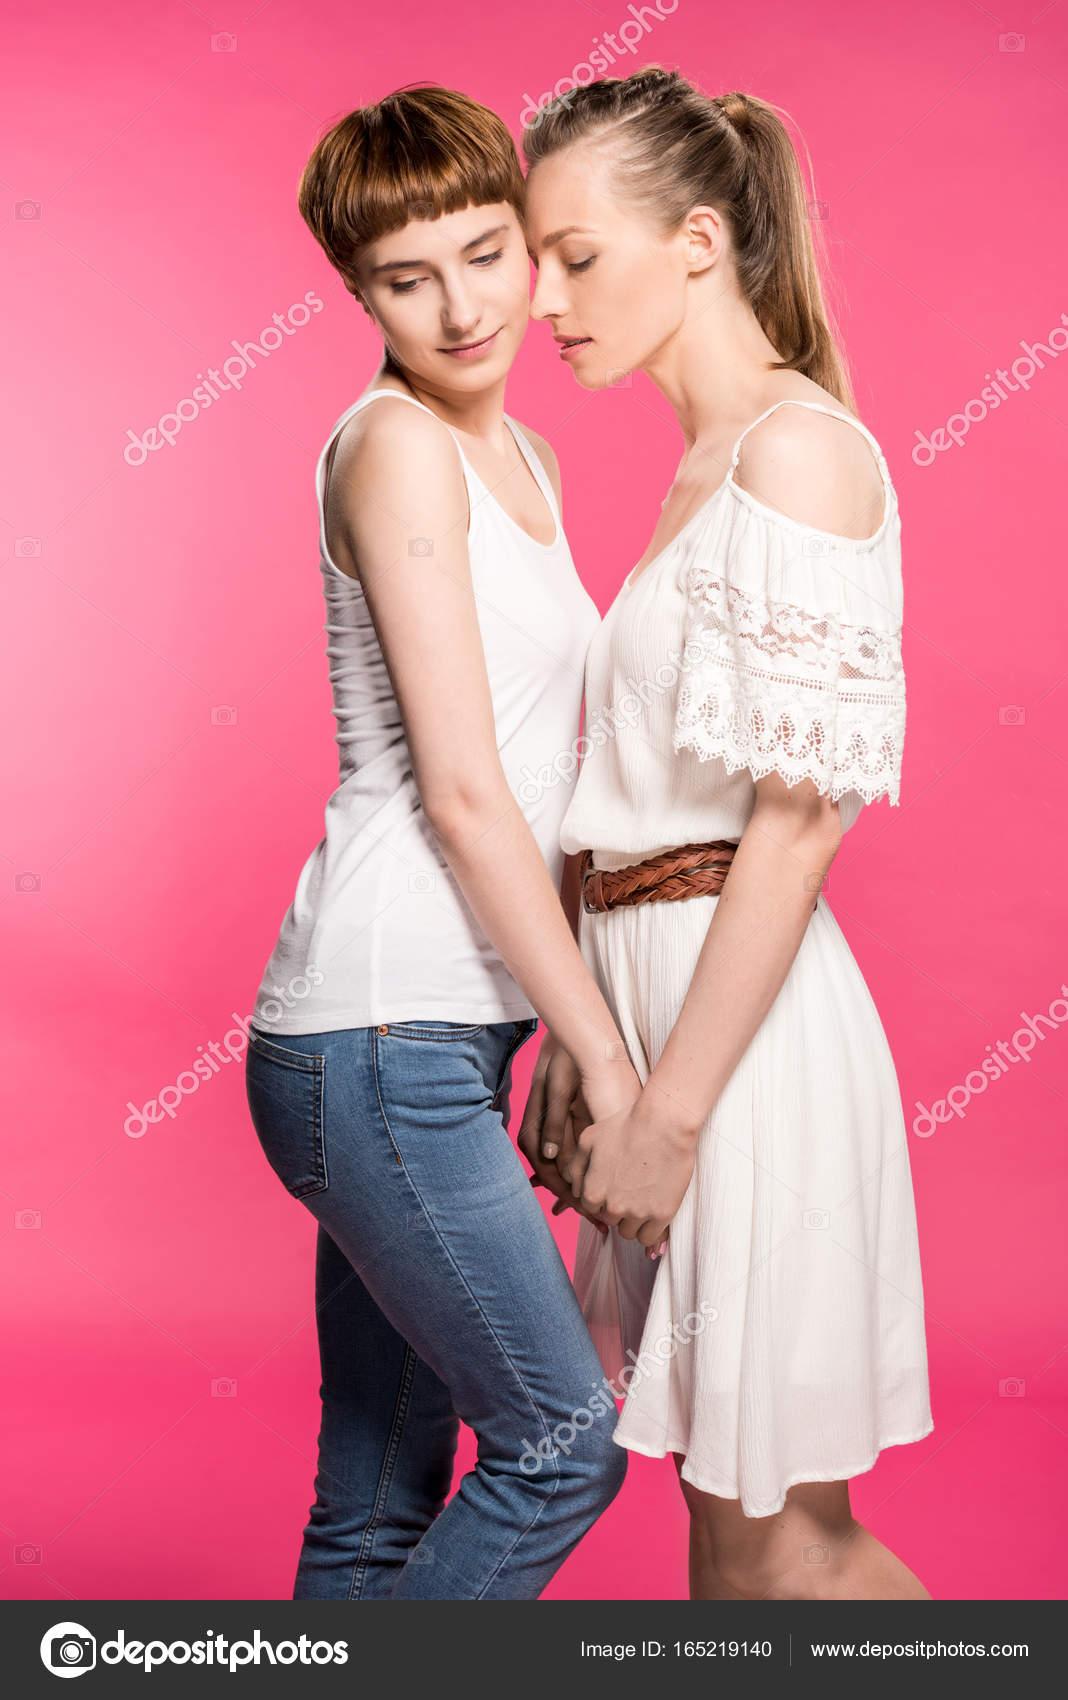 Ass PERFECT!! foos lesbians gordinhas lovely! Such